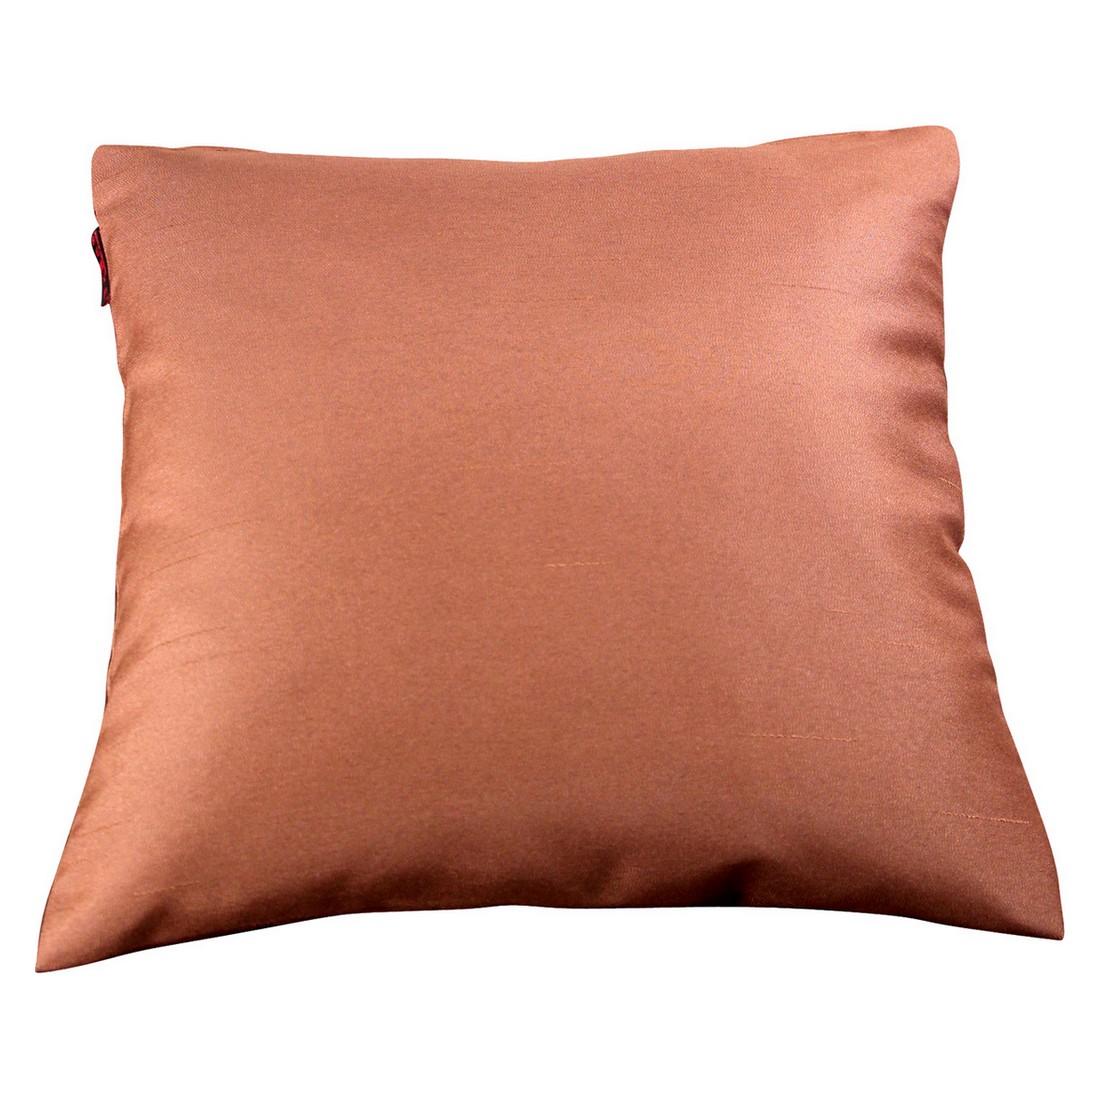 Kissenhülle Nova (2er,4er oder 6er-Set) – Braun – 40 x 40 cm – 4 Kissen, MiBiento Living bestellen